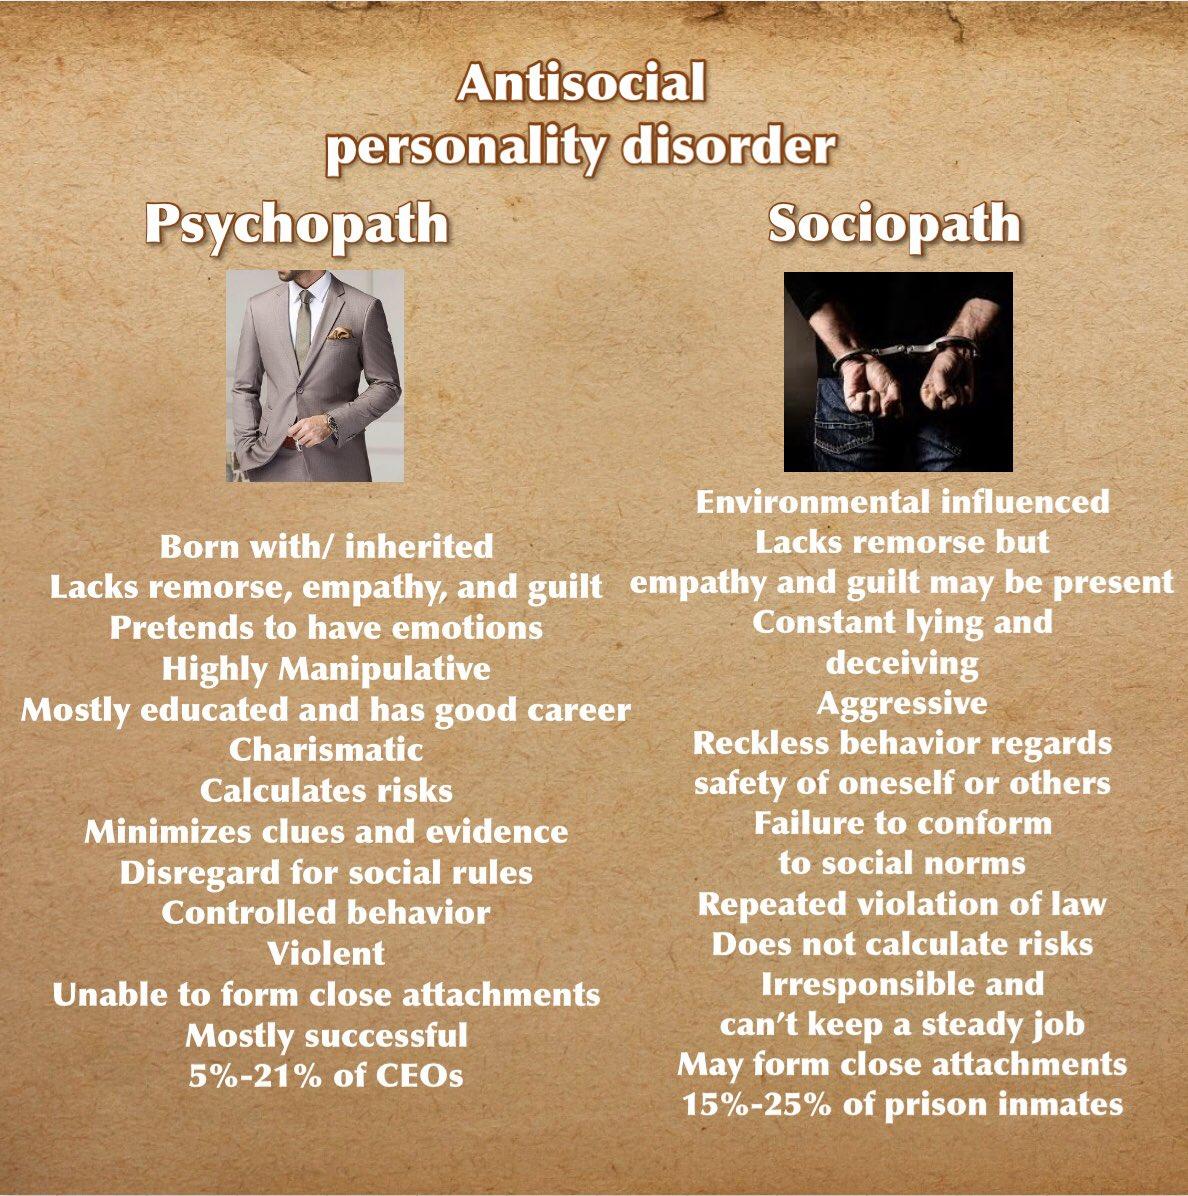 #اضرابات_نفسية #إضرابات_شخصية  #الشخصية_المعادية_للمجتمع #السيسوباتية #السيكوباتي #السيكوباتية #النرجسية #الحدية #الهستيريا #antisocial #antisocialpersonalitydisorder #aspd #sociopath #sociopathawareness #psychopath #histronic #borderline # #narcissistpic.twitter.com/W2lBlUlwCj